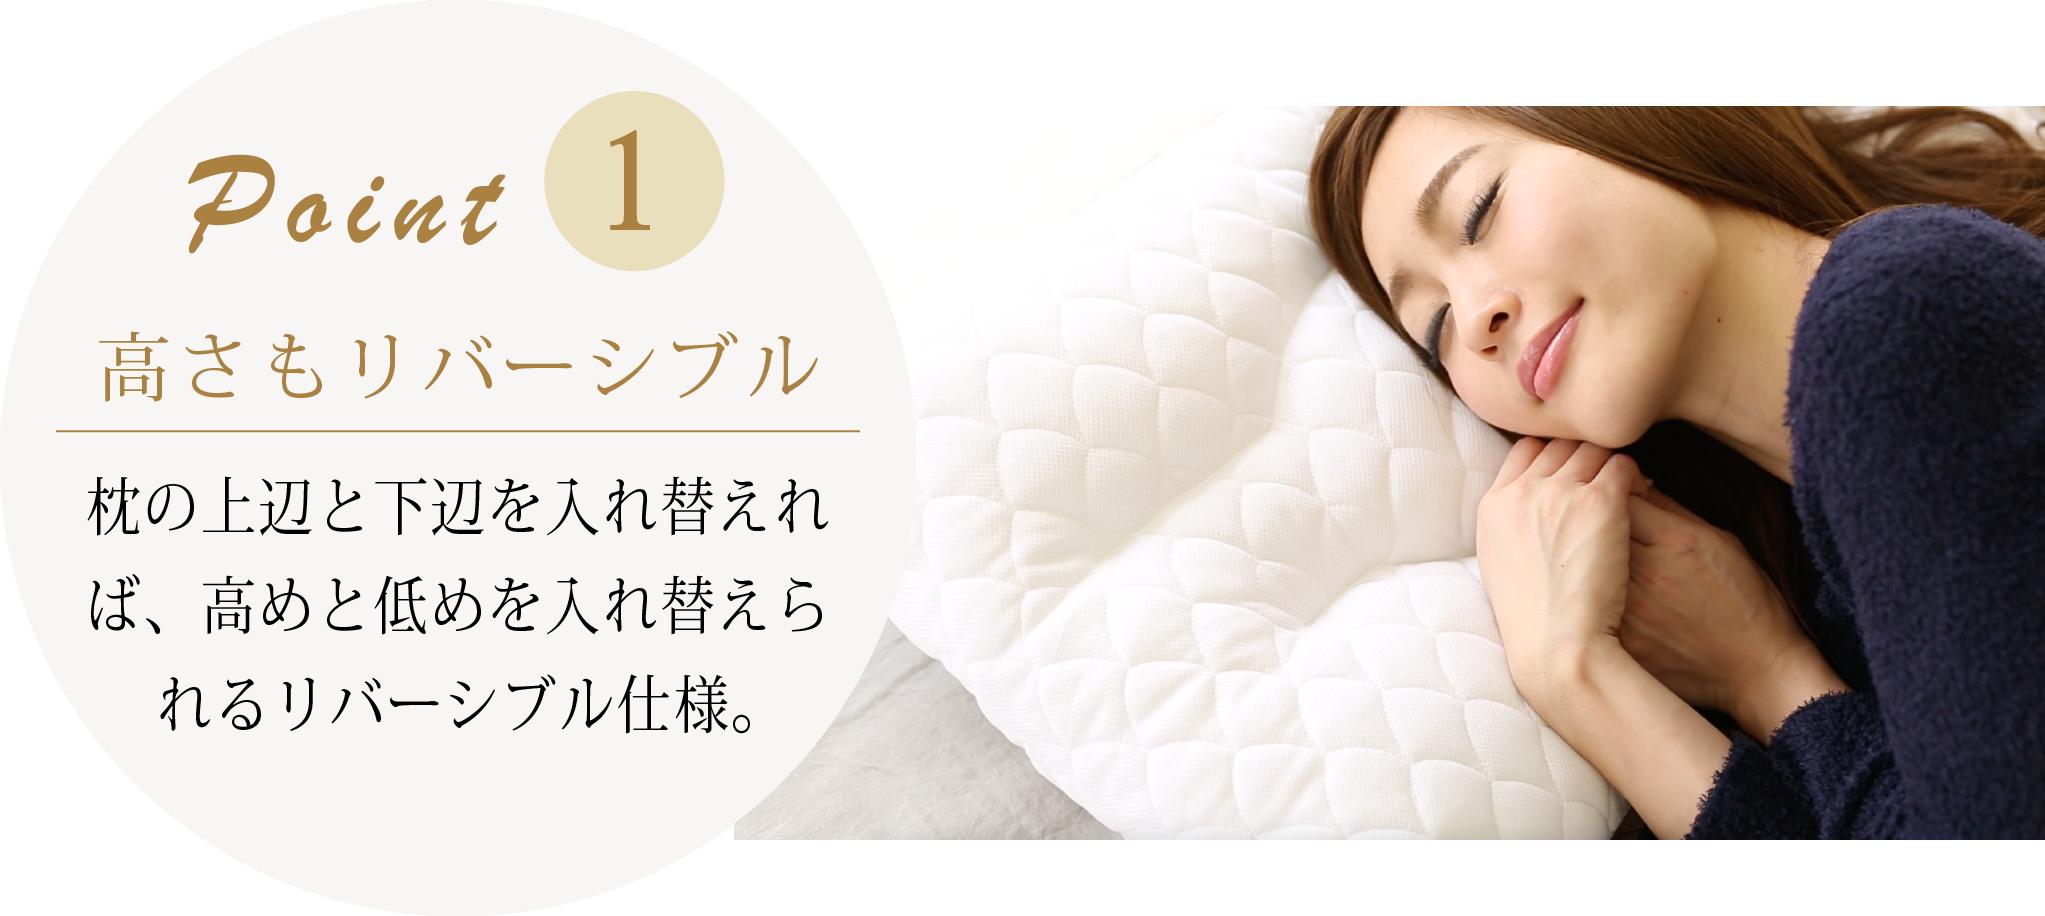 Point1.高さもリバーシブル。枕の上辺と下辺を入れ替えれば、高めと低めを入れ替えられるリバーシブル仕様。